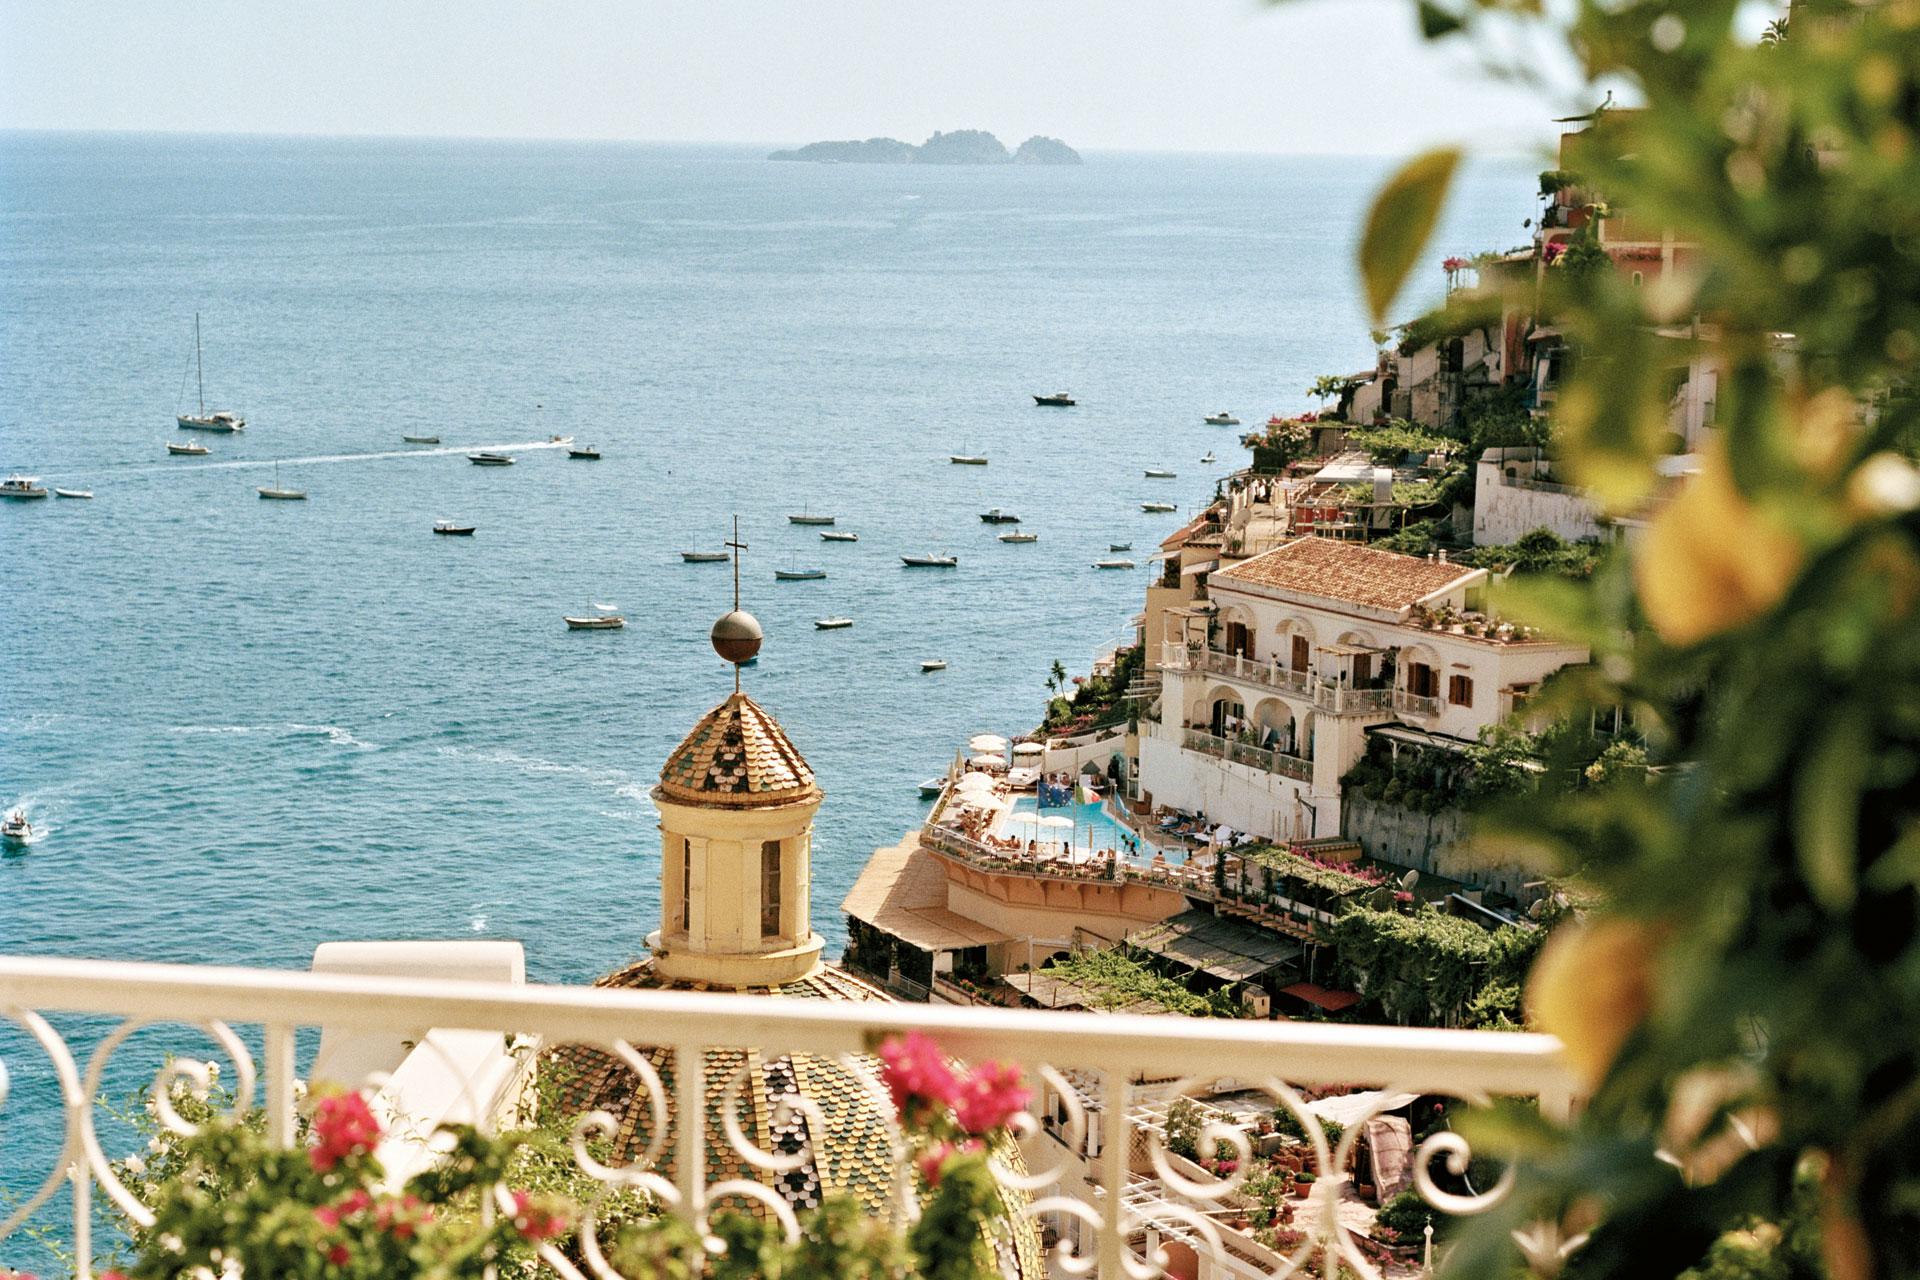 Amalfi en la costa amalfitana